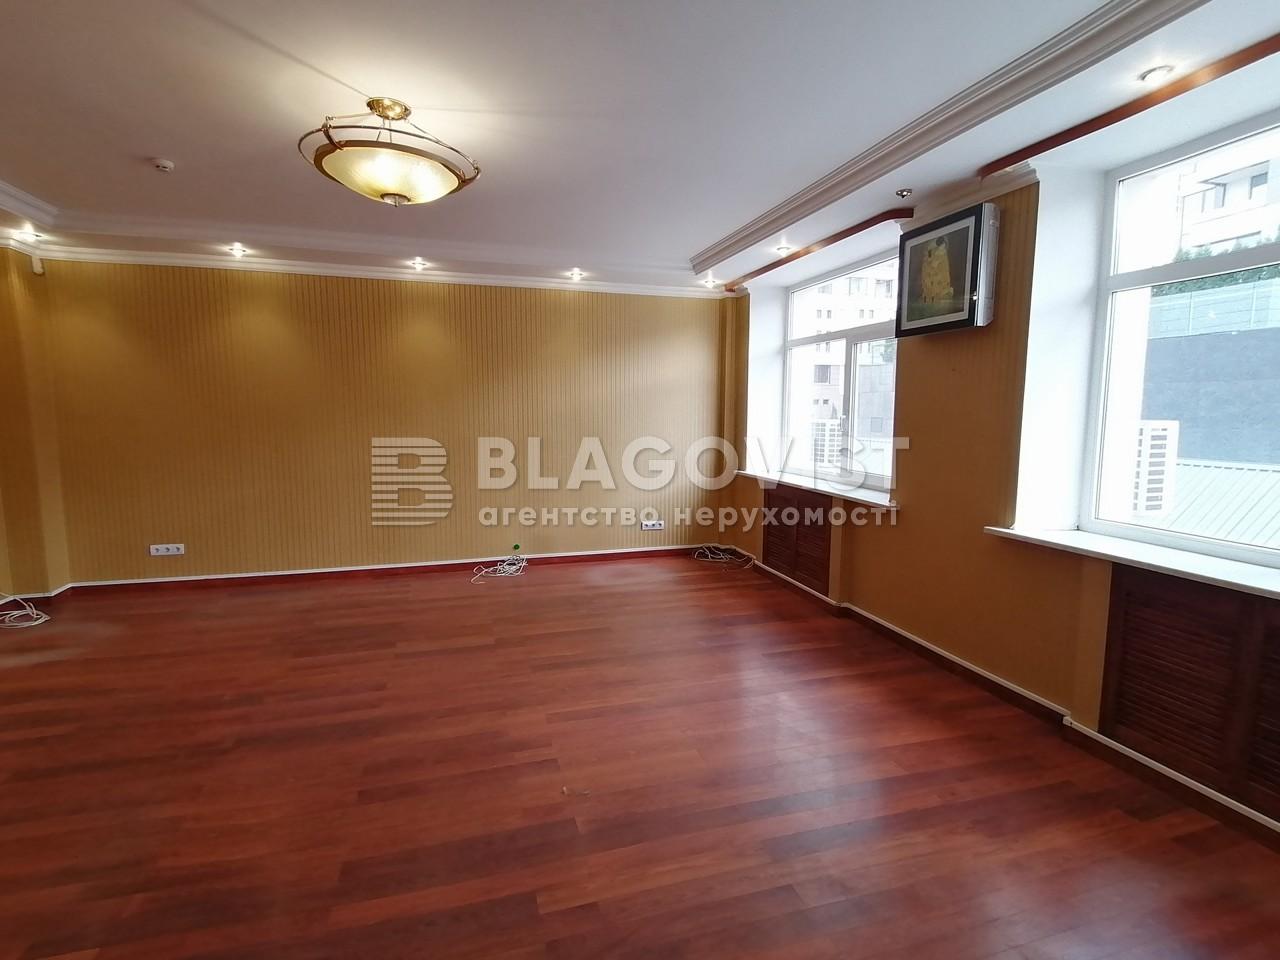 Нежилое помещение, Деловая (Димитрова), Киев, F-44899 - Фото 3